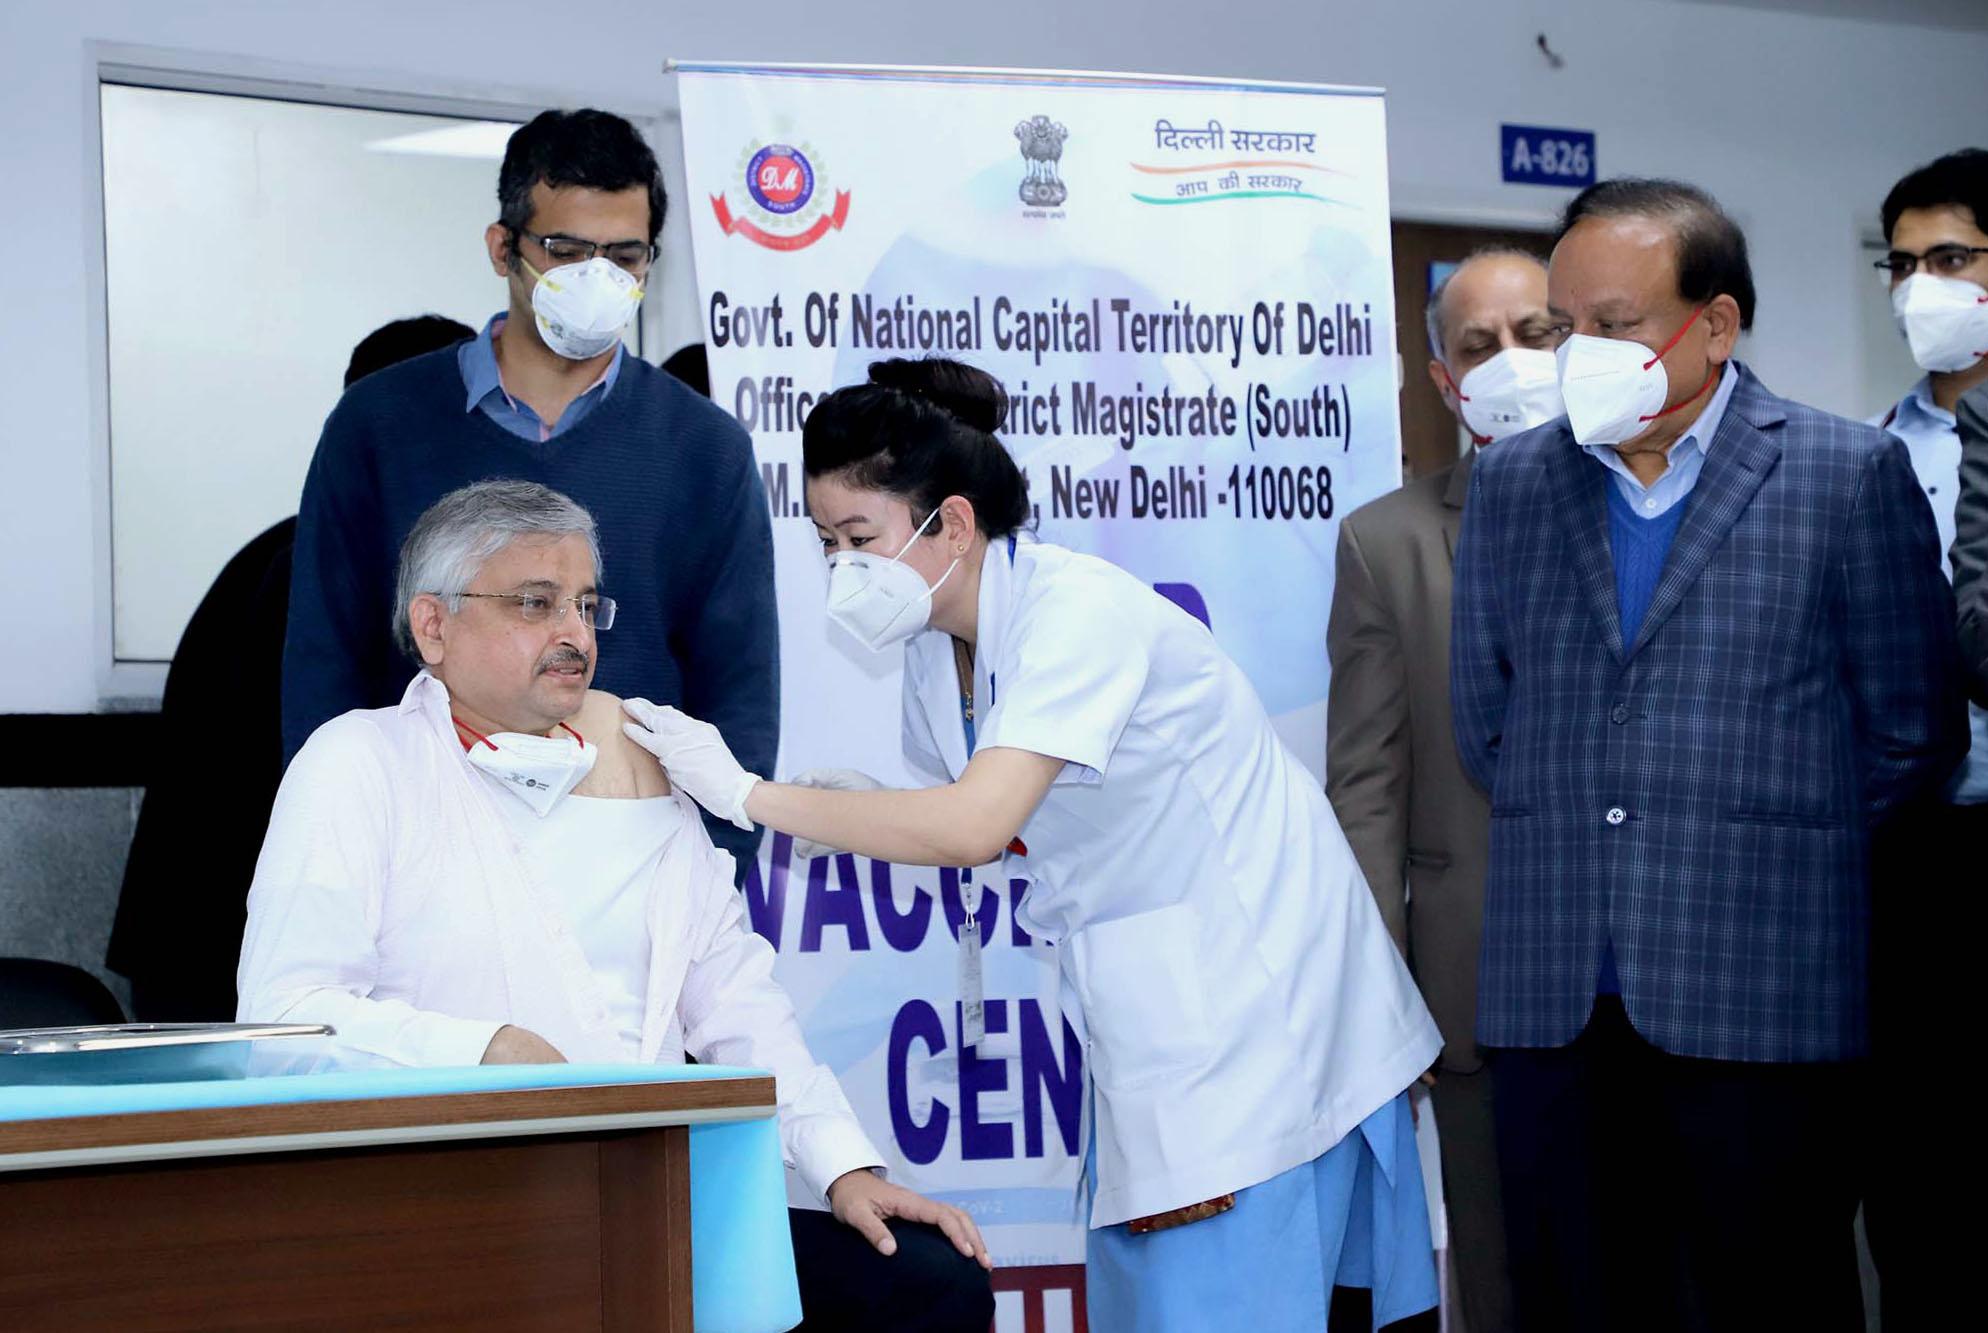 Control mindset, Swadeshi hamper vaccination drive